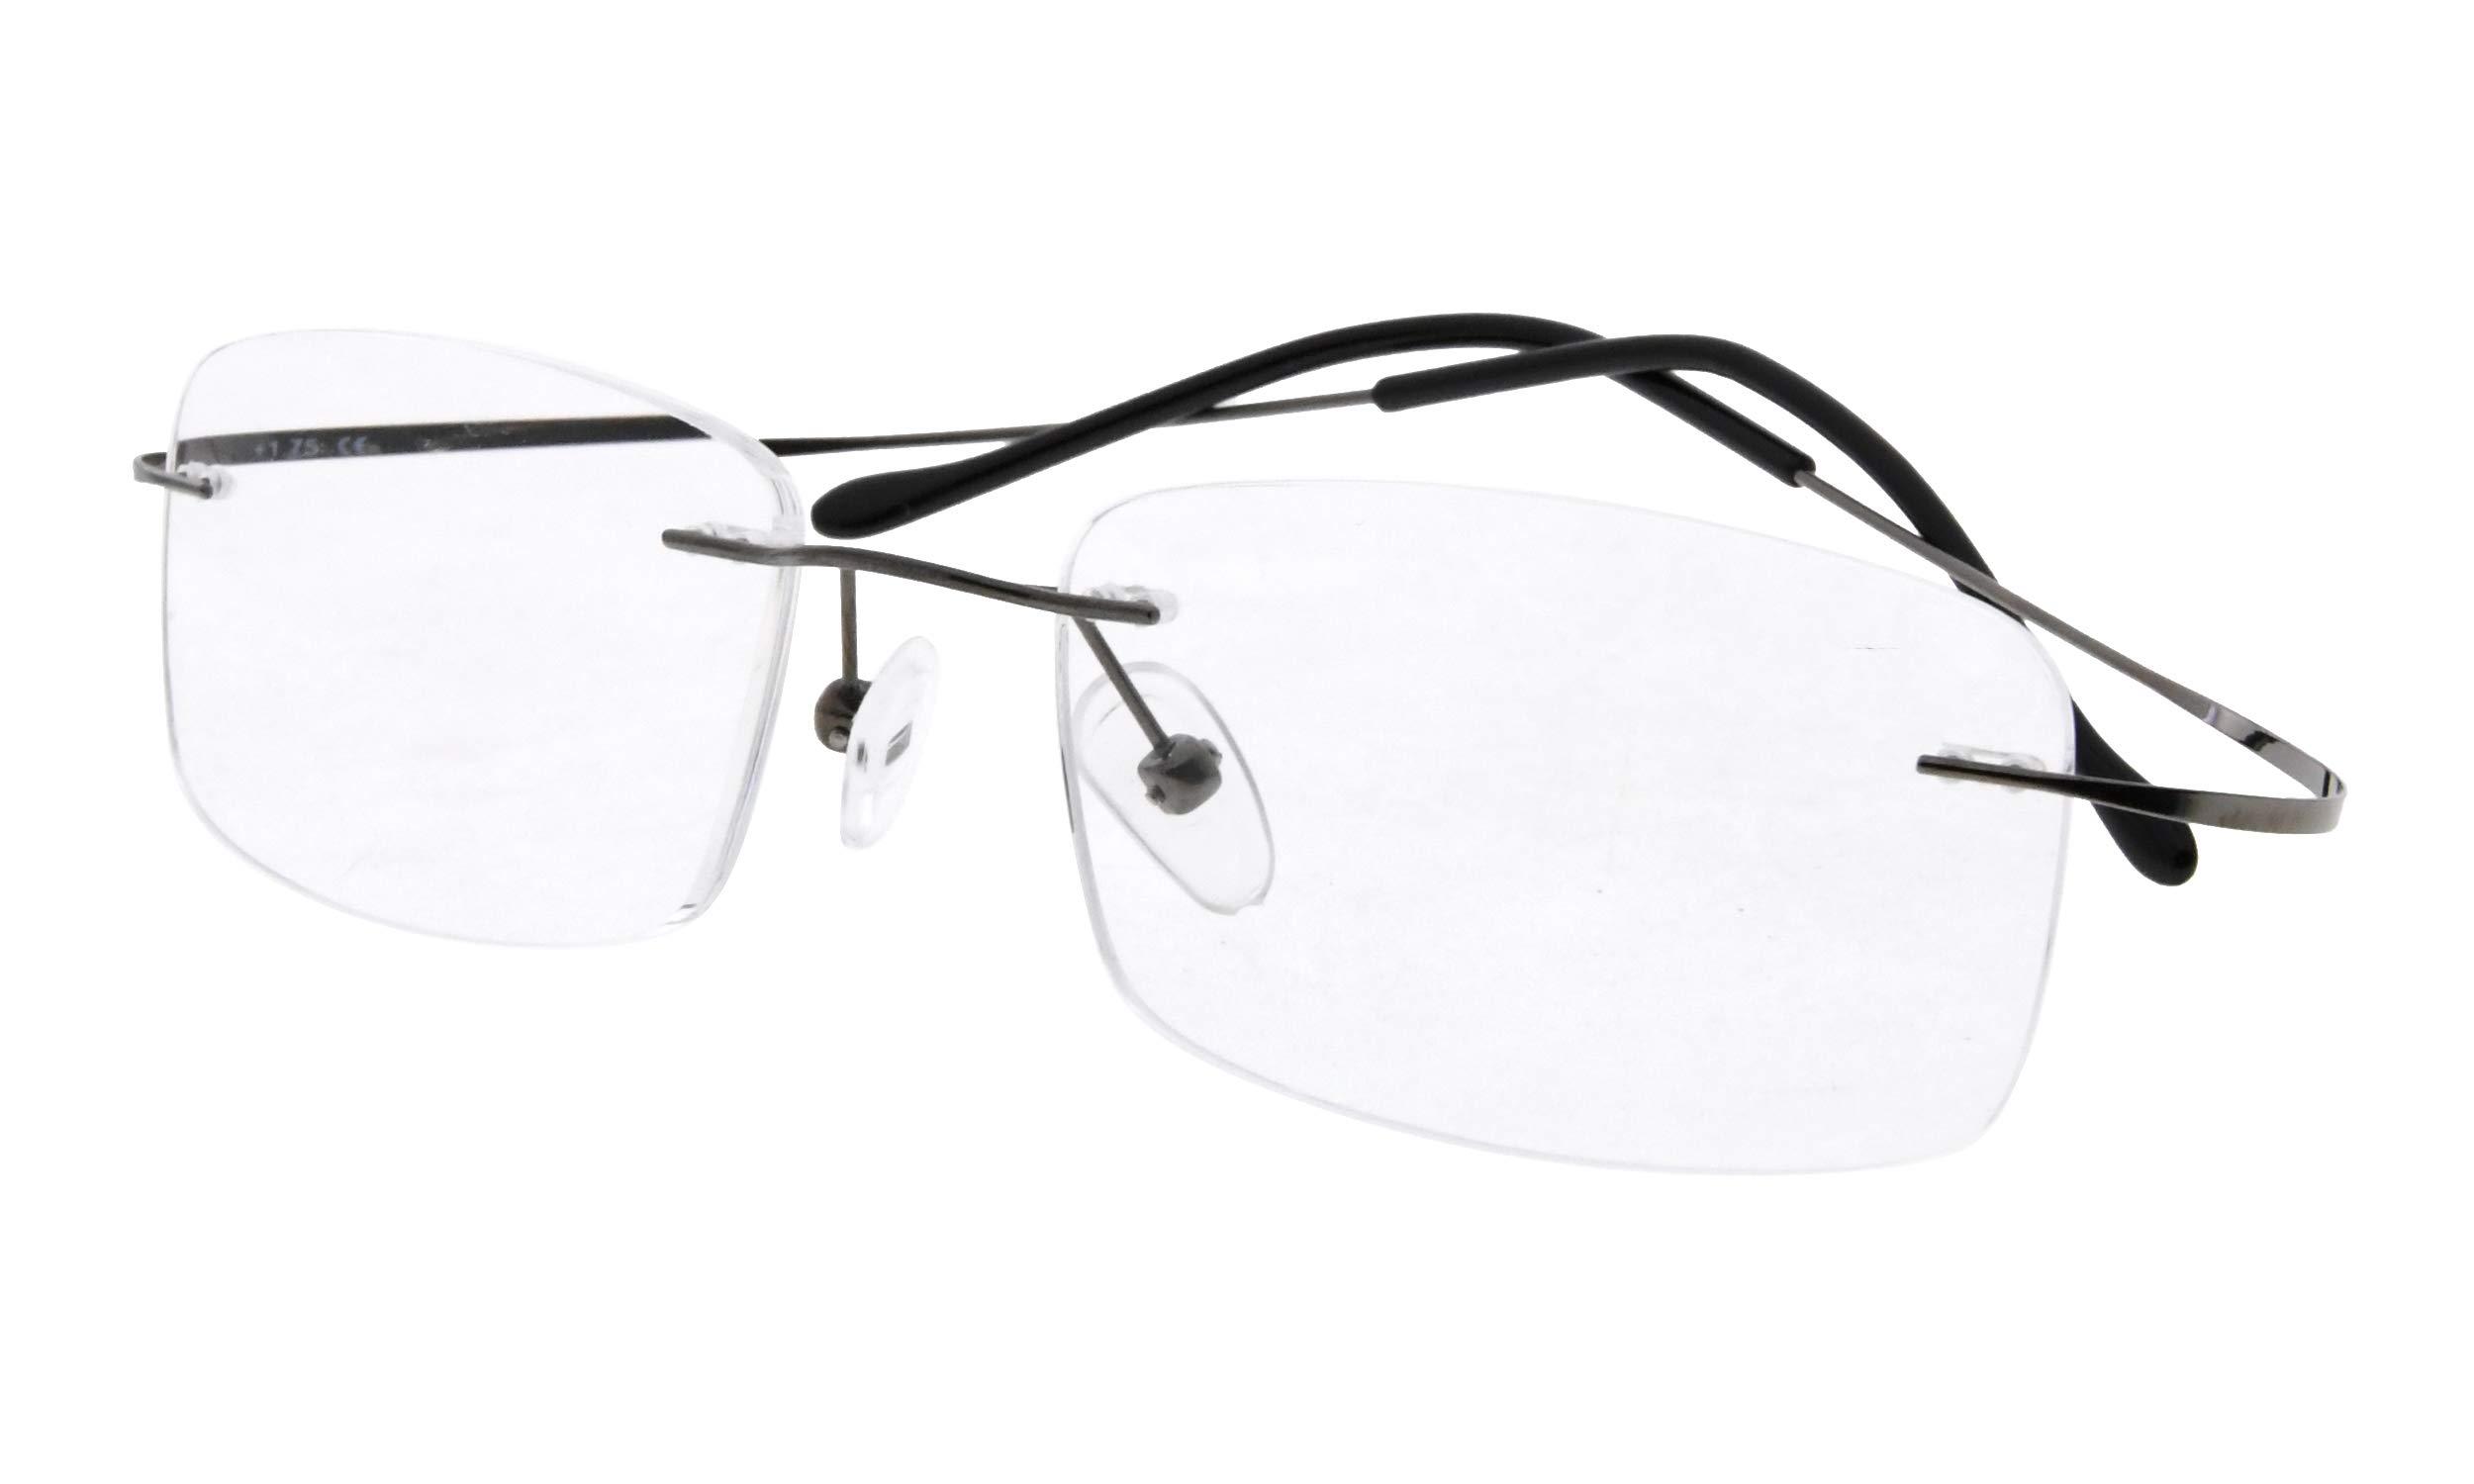 Eyekepper Titanium Rimless Reading Glasses Readers Men Women Gunmetal +1.5